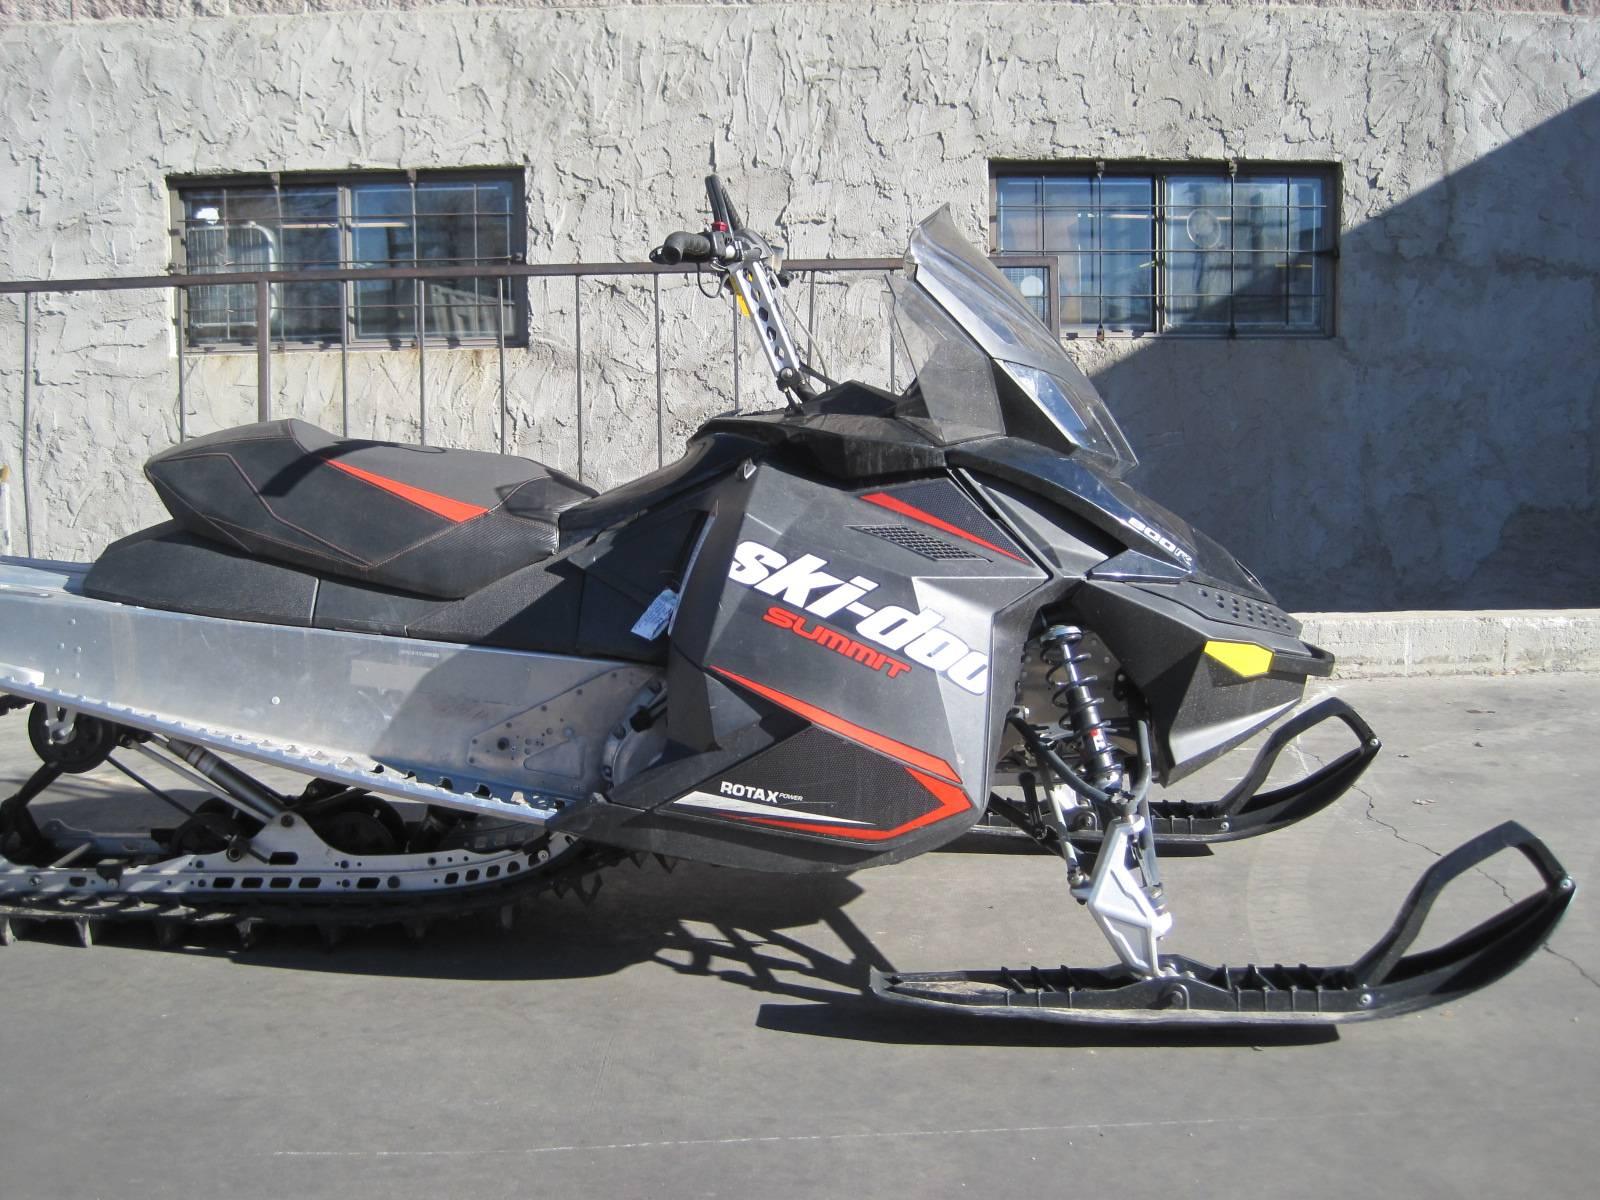 2015 Ski-Doo Summit® Sport 154 800R P-TEK in Denver, Colorado